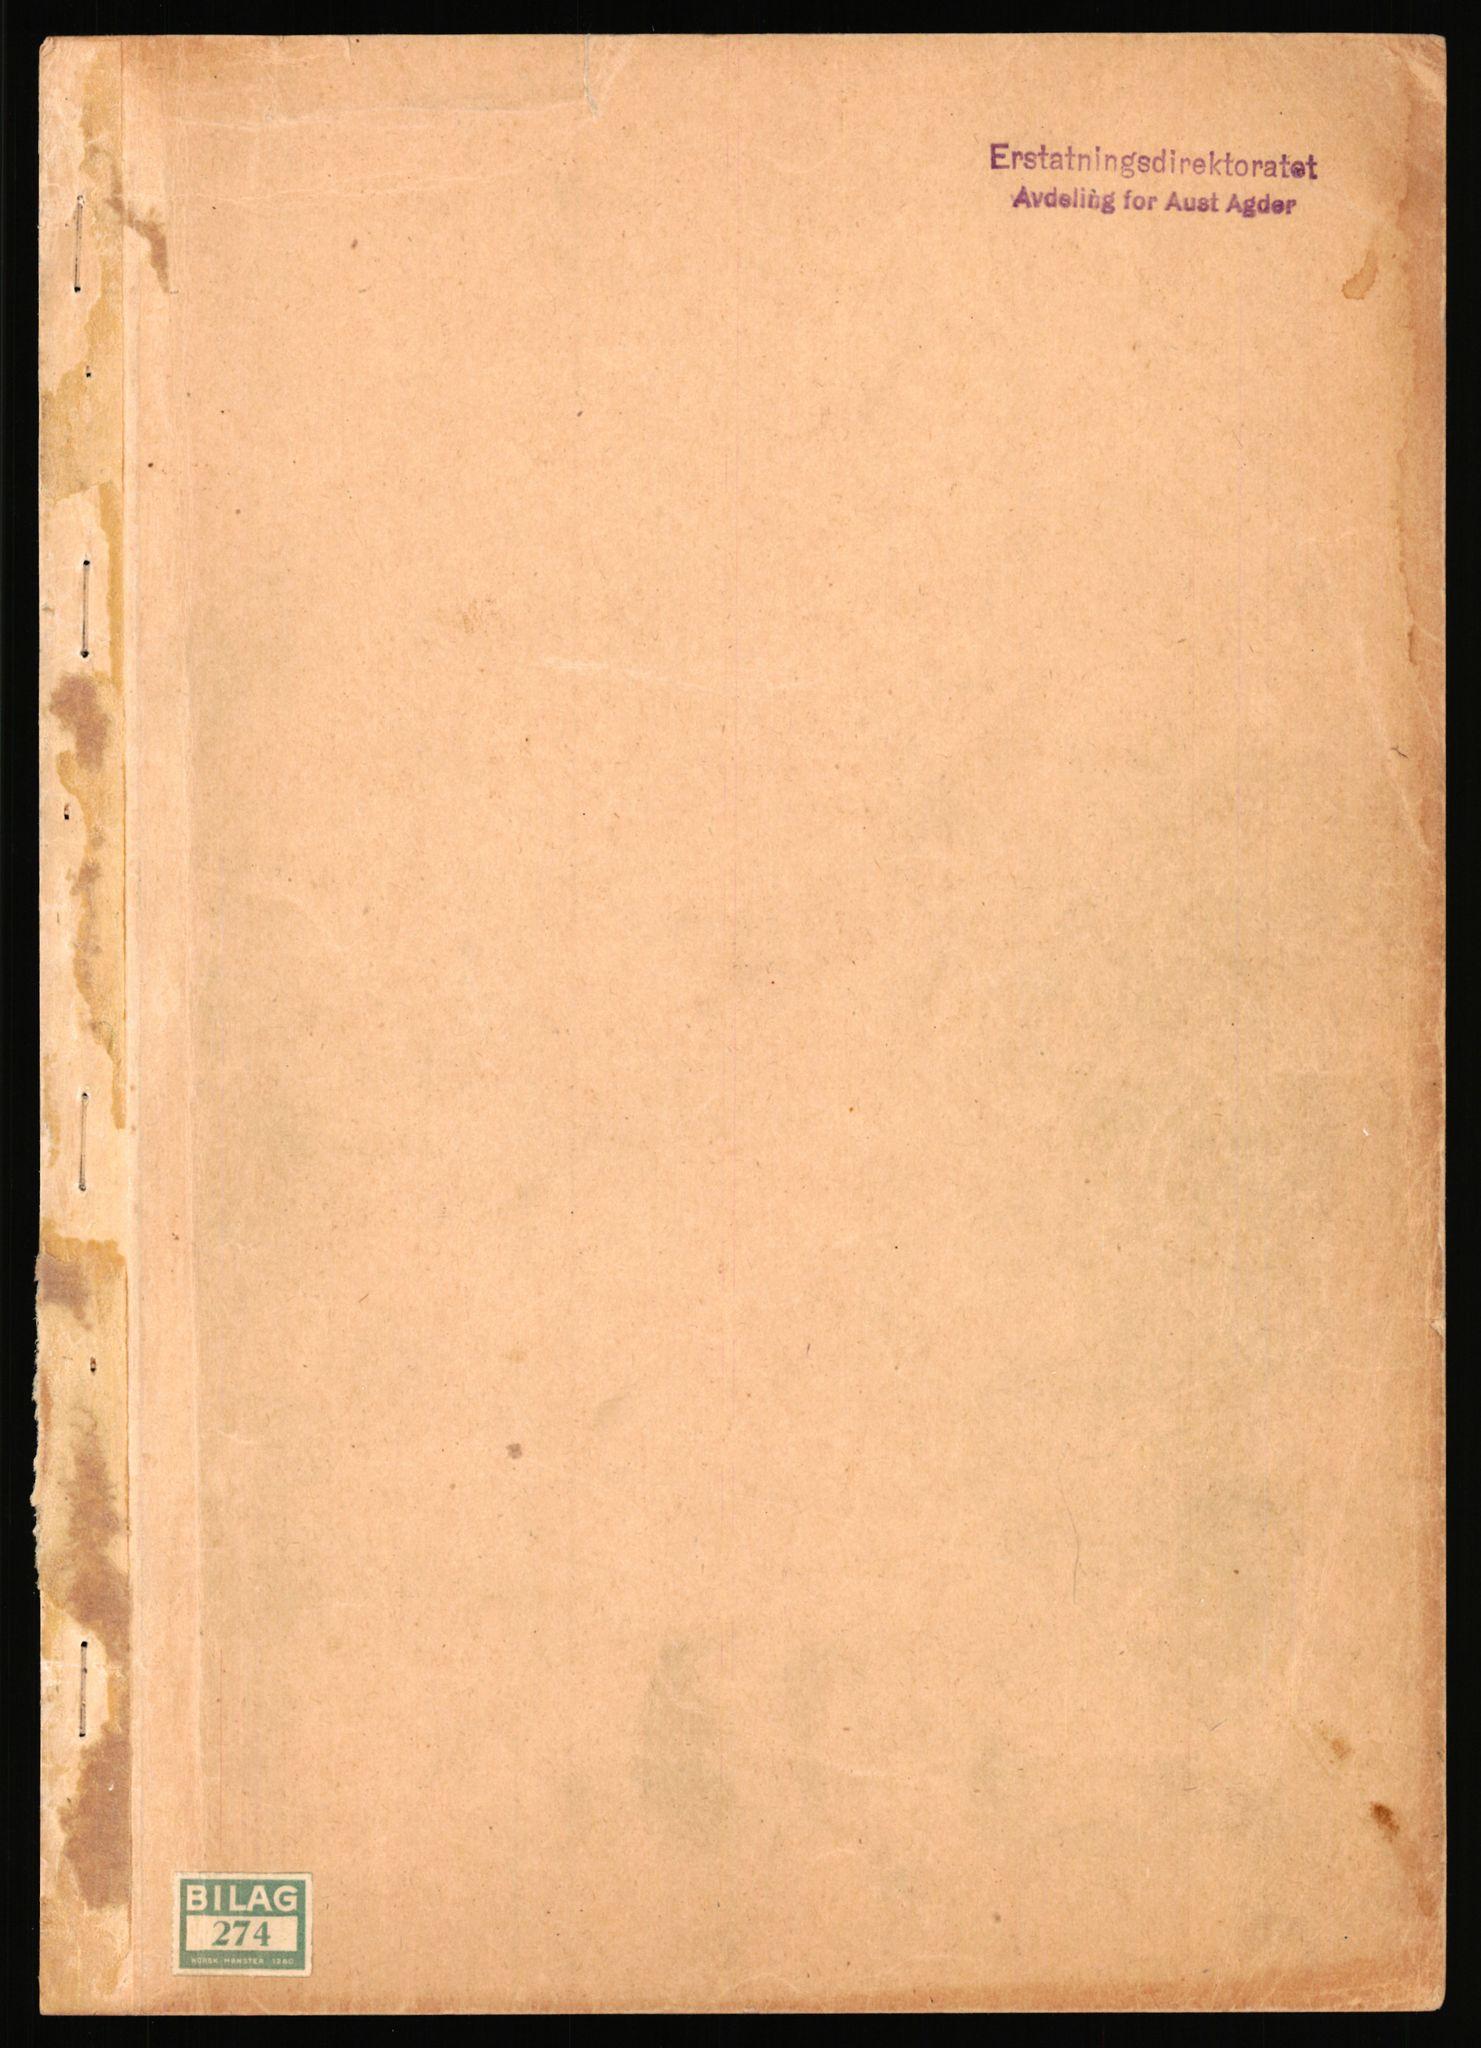 RA, Landssvikarkivet, Arendal politikammer, D/Dc/L0029: Anr. 192/45, 1945-1951, p. 942